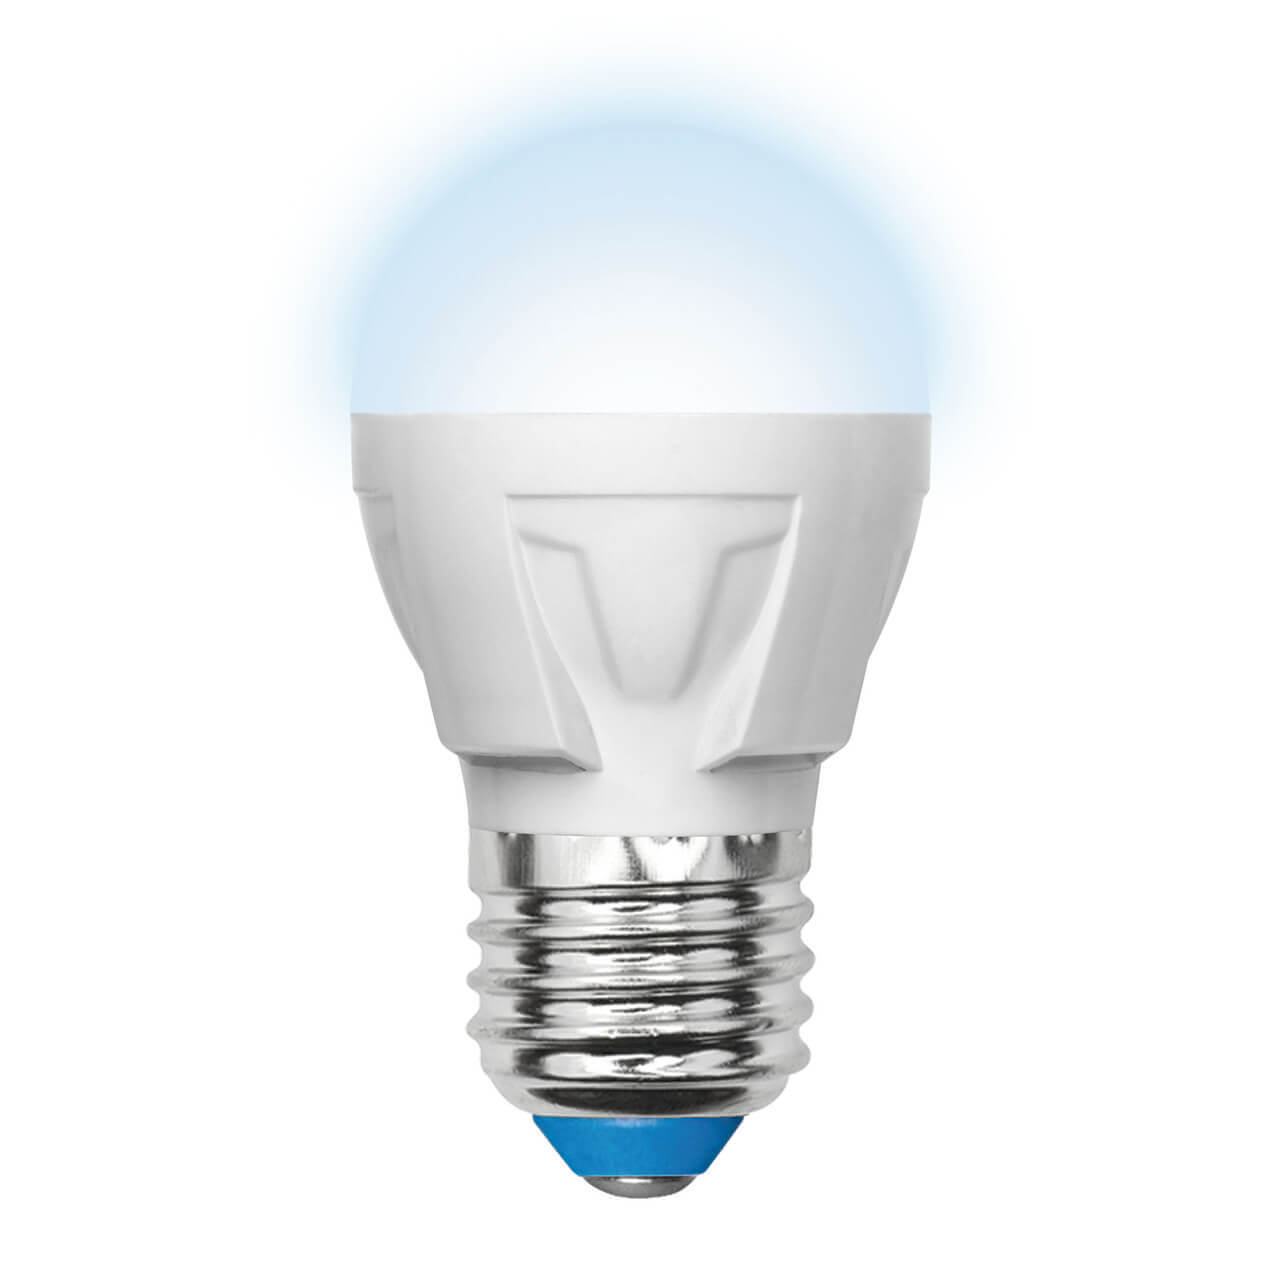 Лампочка Uniel LED-G45 7W/NW/E27/FR PLP01WH Яркая упаковка светодиодных ламп 10 шт uniel led nw fr plp01wh картон e27 a60 10вт